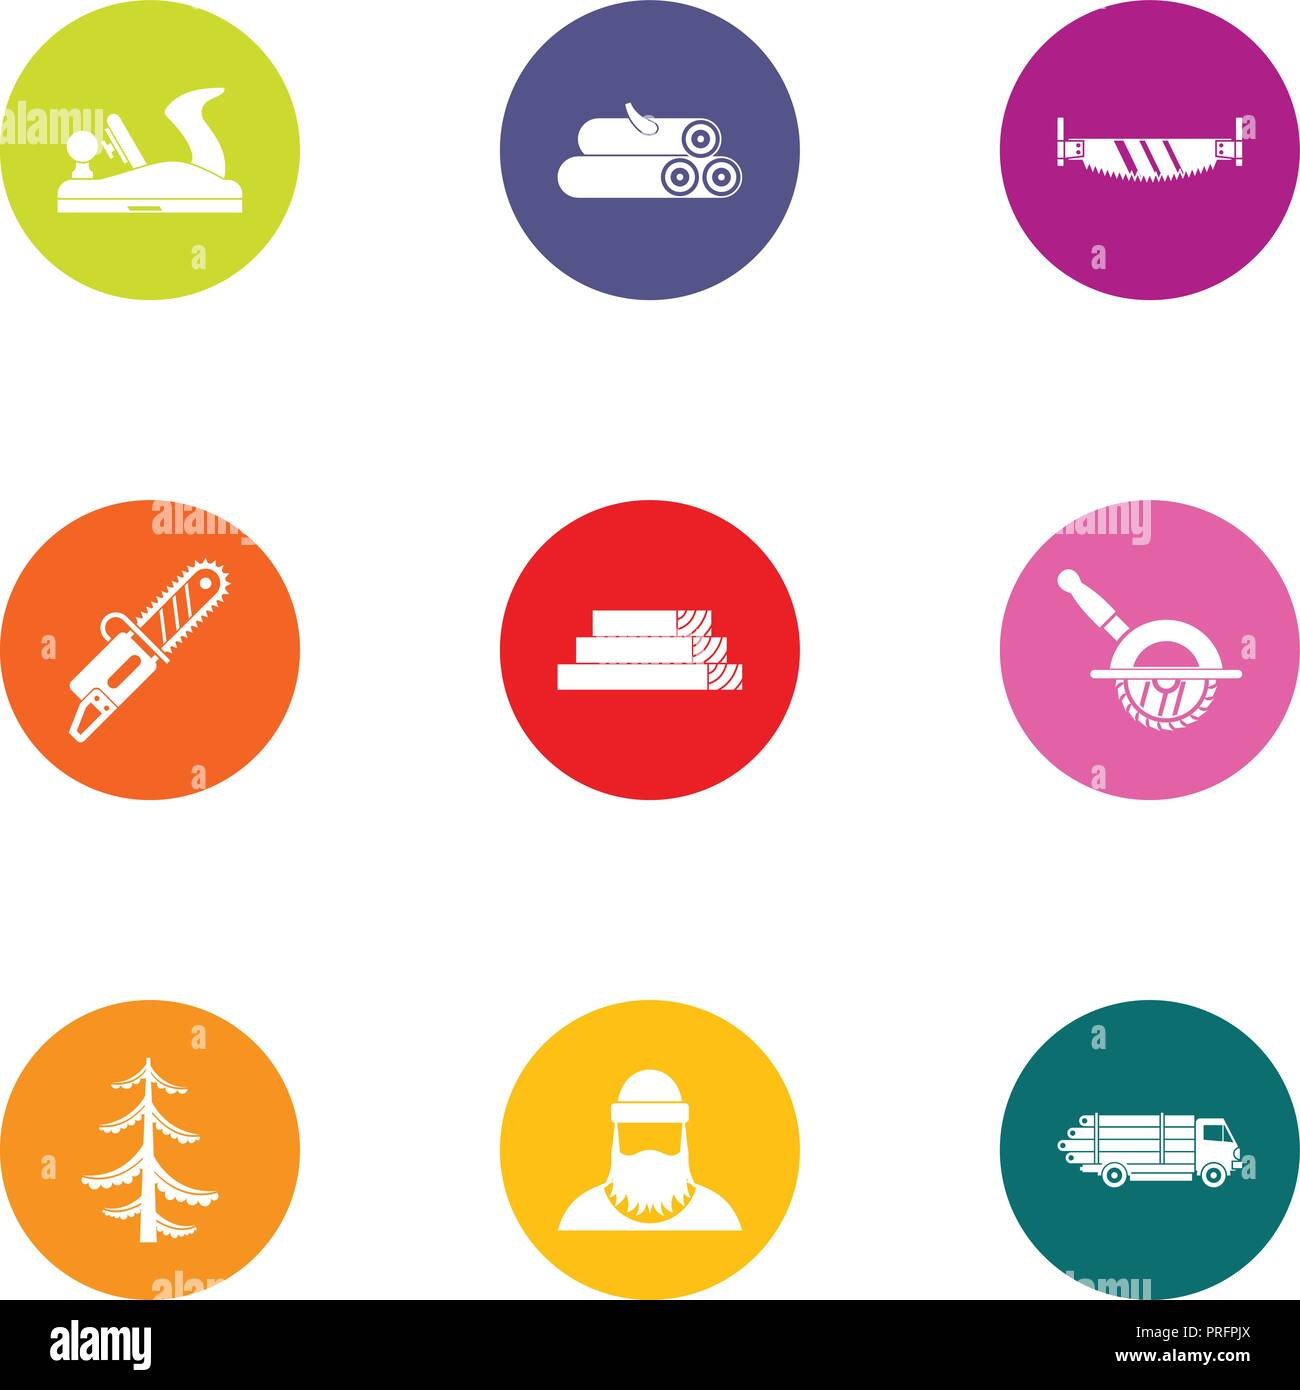 Cut icons set, flat style - Stock Image